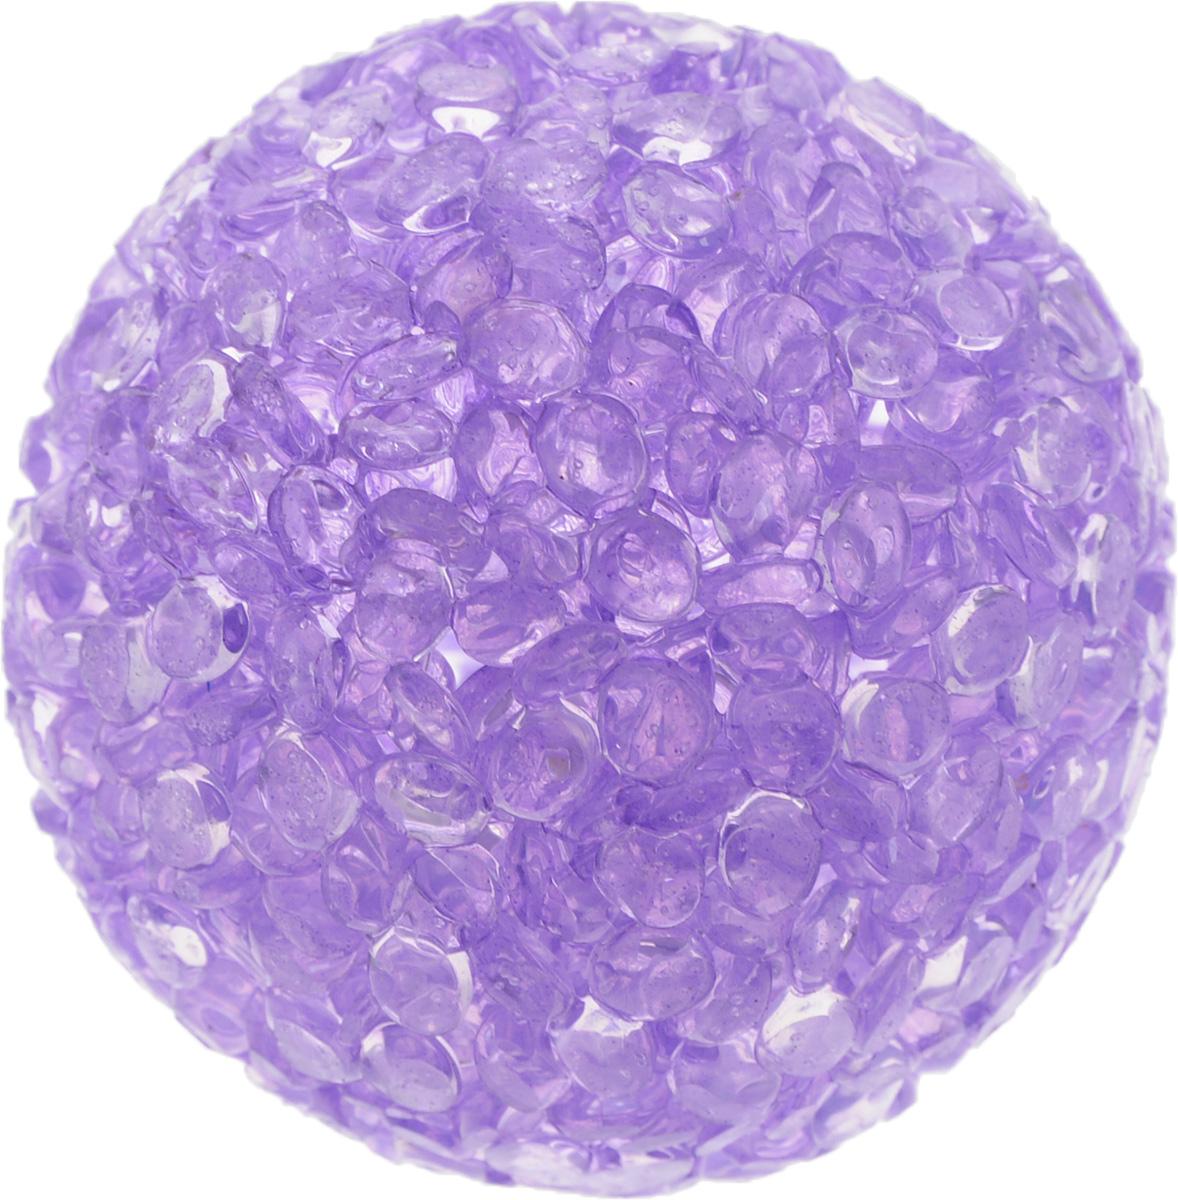 Игрушка для животных Каскад Мячик блестящий, цвет: фиолетовый, диаметр 4 см27799312Игрушка для животных Каскад Мячик блестящий изготовлена из высококачественной синтетики. Внутри изделия имеется небольшой бубенчик, который привлечет внимание питомца. Такая игрушка порадует вашего любимца, а вам доставит массу приятных эмоций, ведь наблюдать за игрой всегда интересно и приятно. Диаметр игрушки: 4 см.